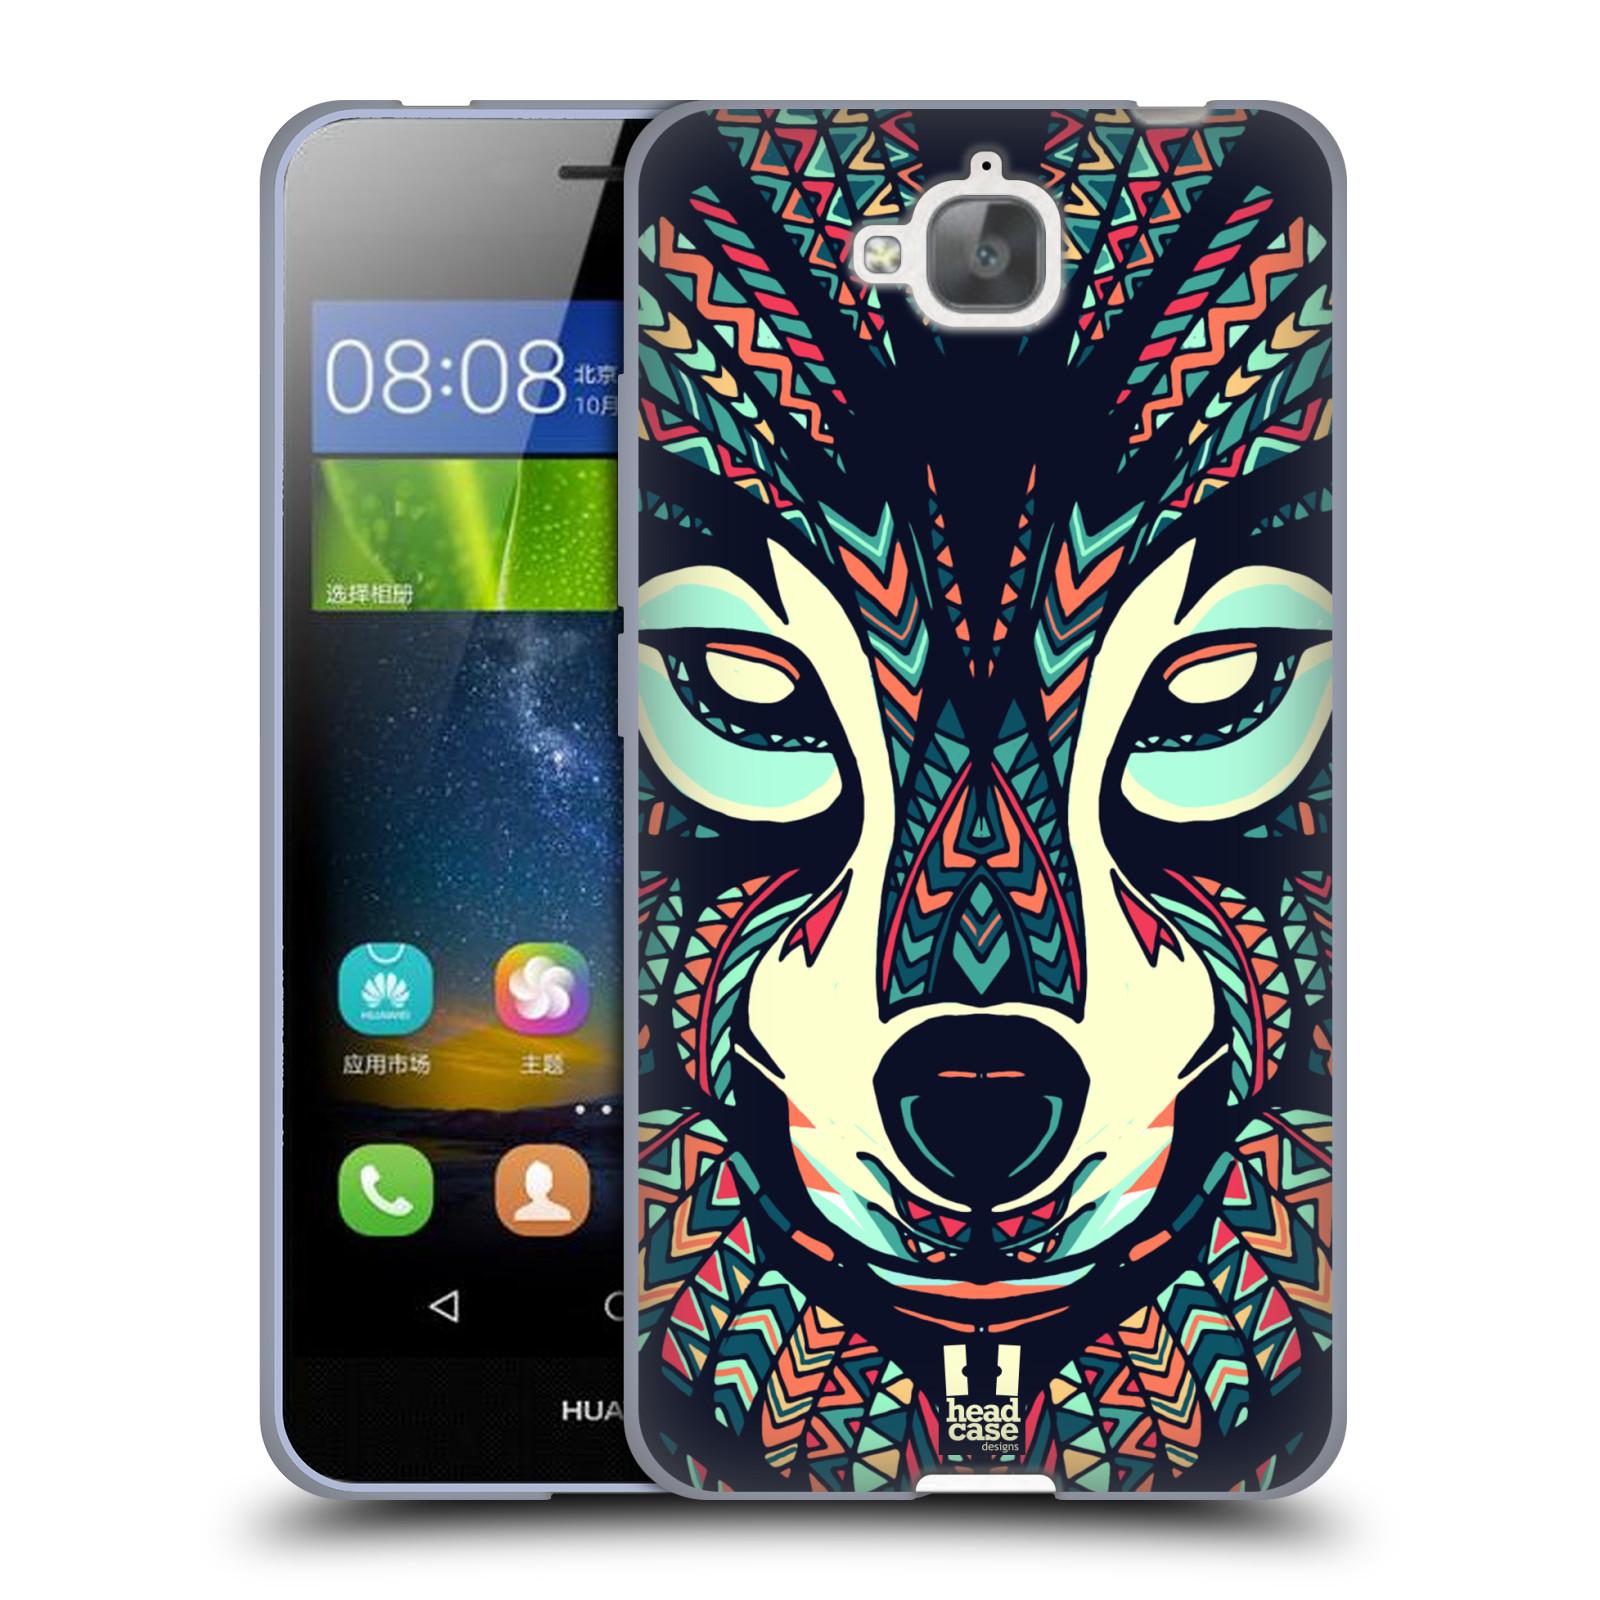 Silikonové pouzdro na mobil Huawei Y6 Pro Dual Sim HEAD CASE AZTEC VLK